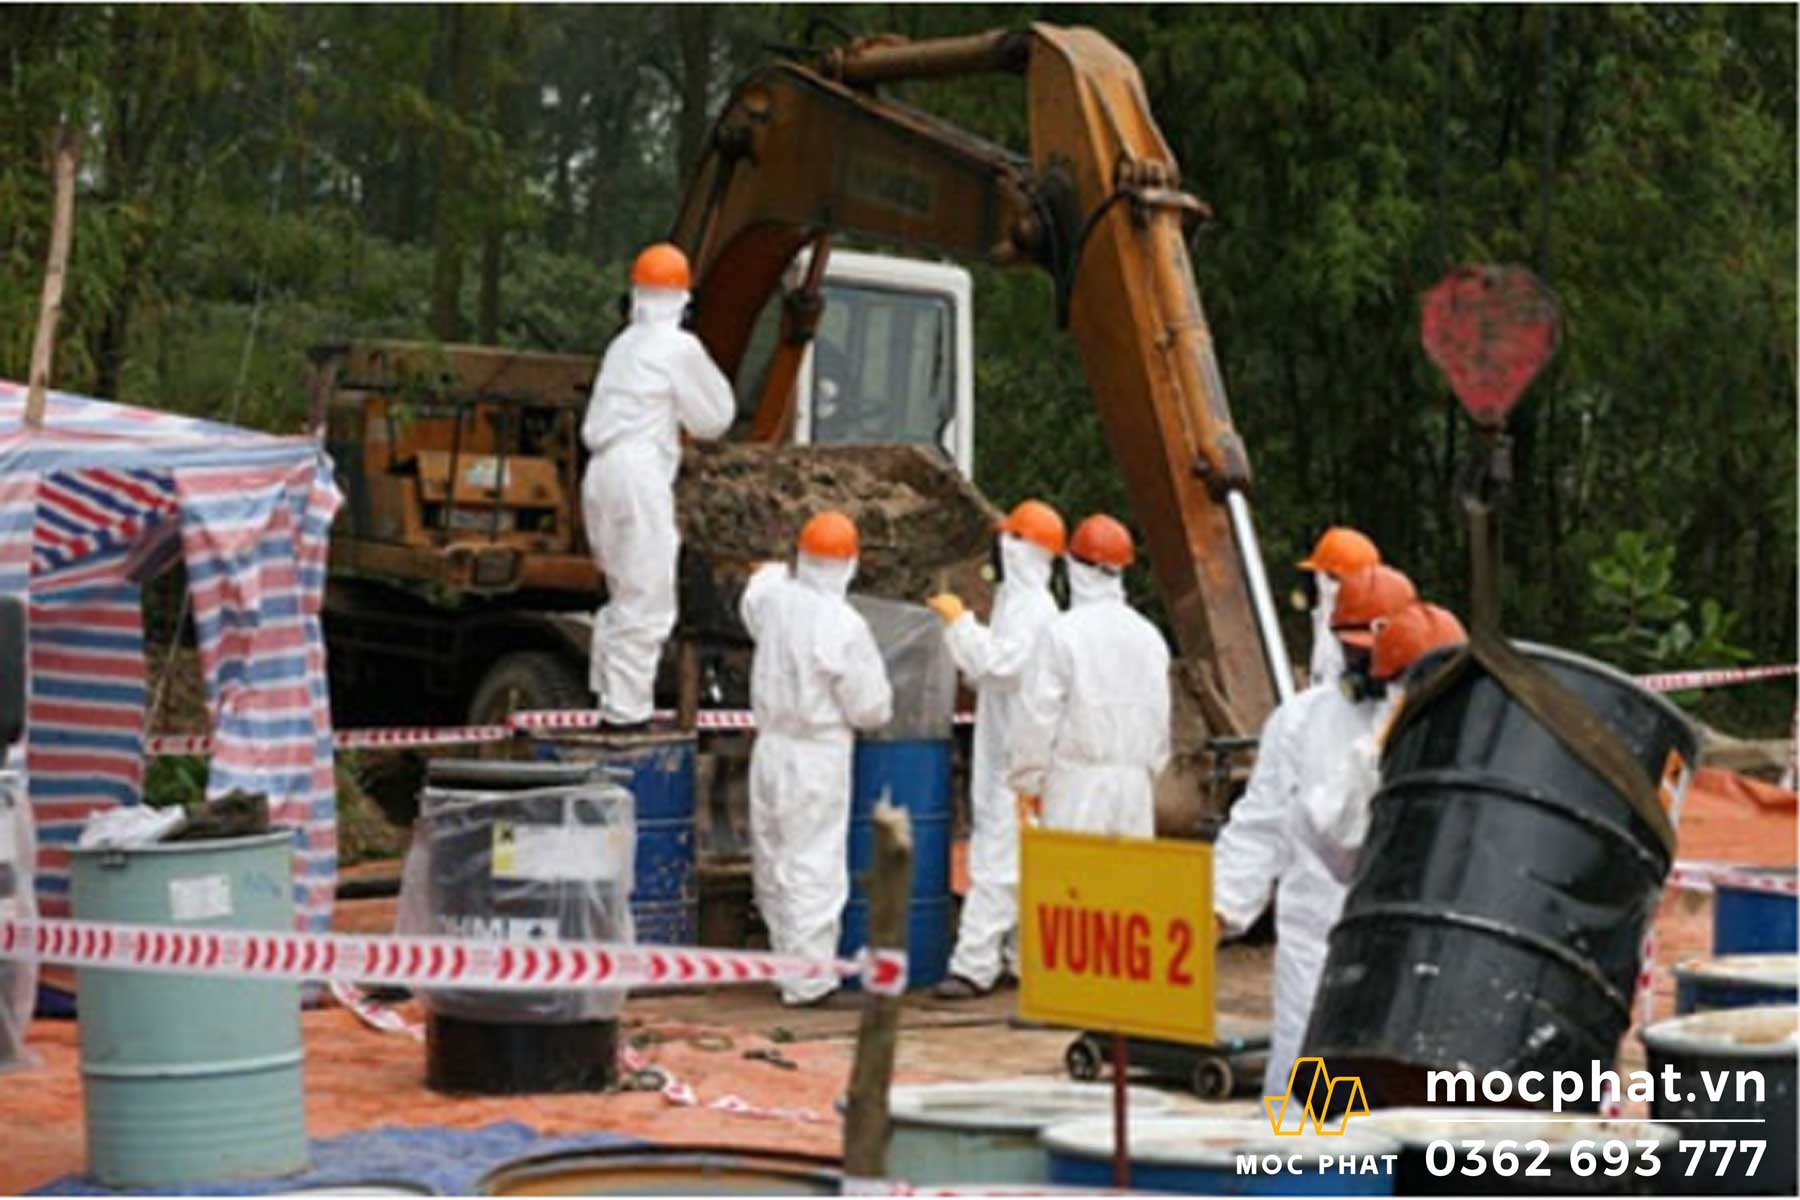 Thùng chứa hóa chất độc hại được xử lý đảm bảo an toàn sức khỏe con người